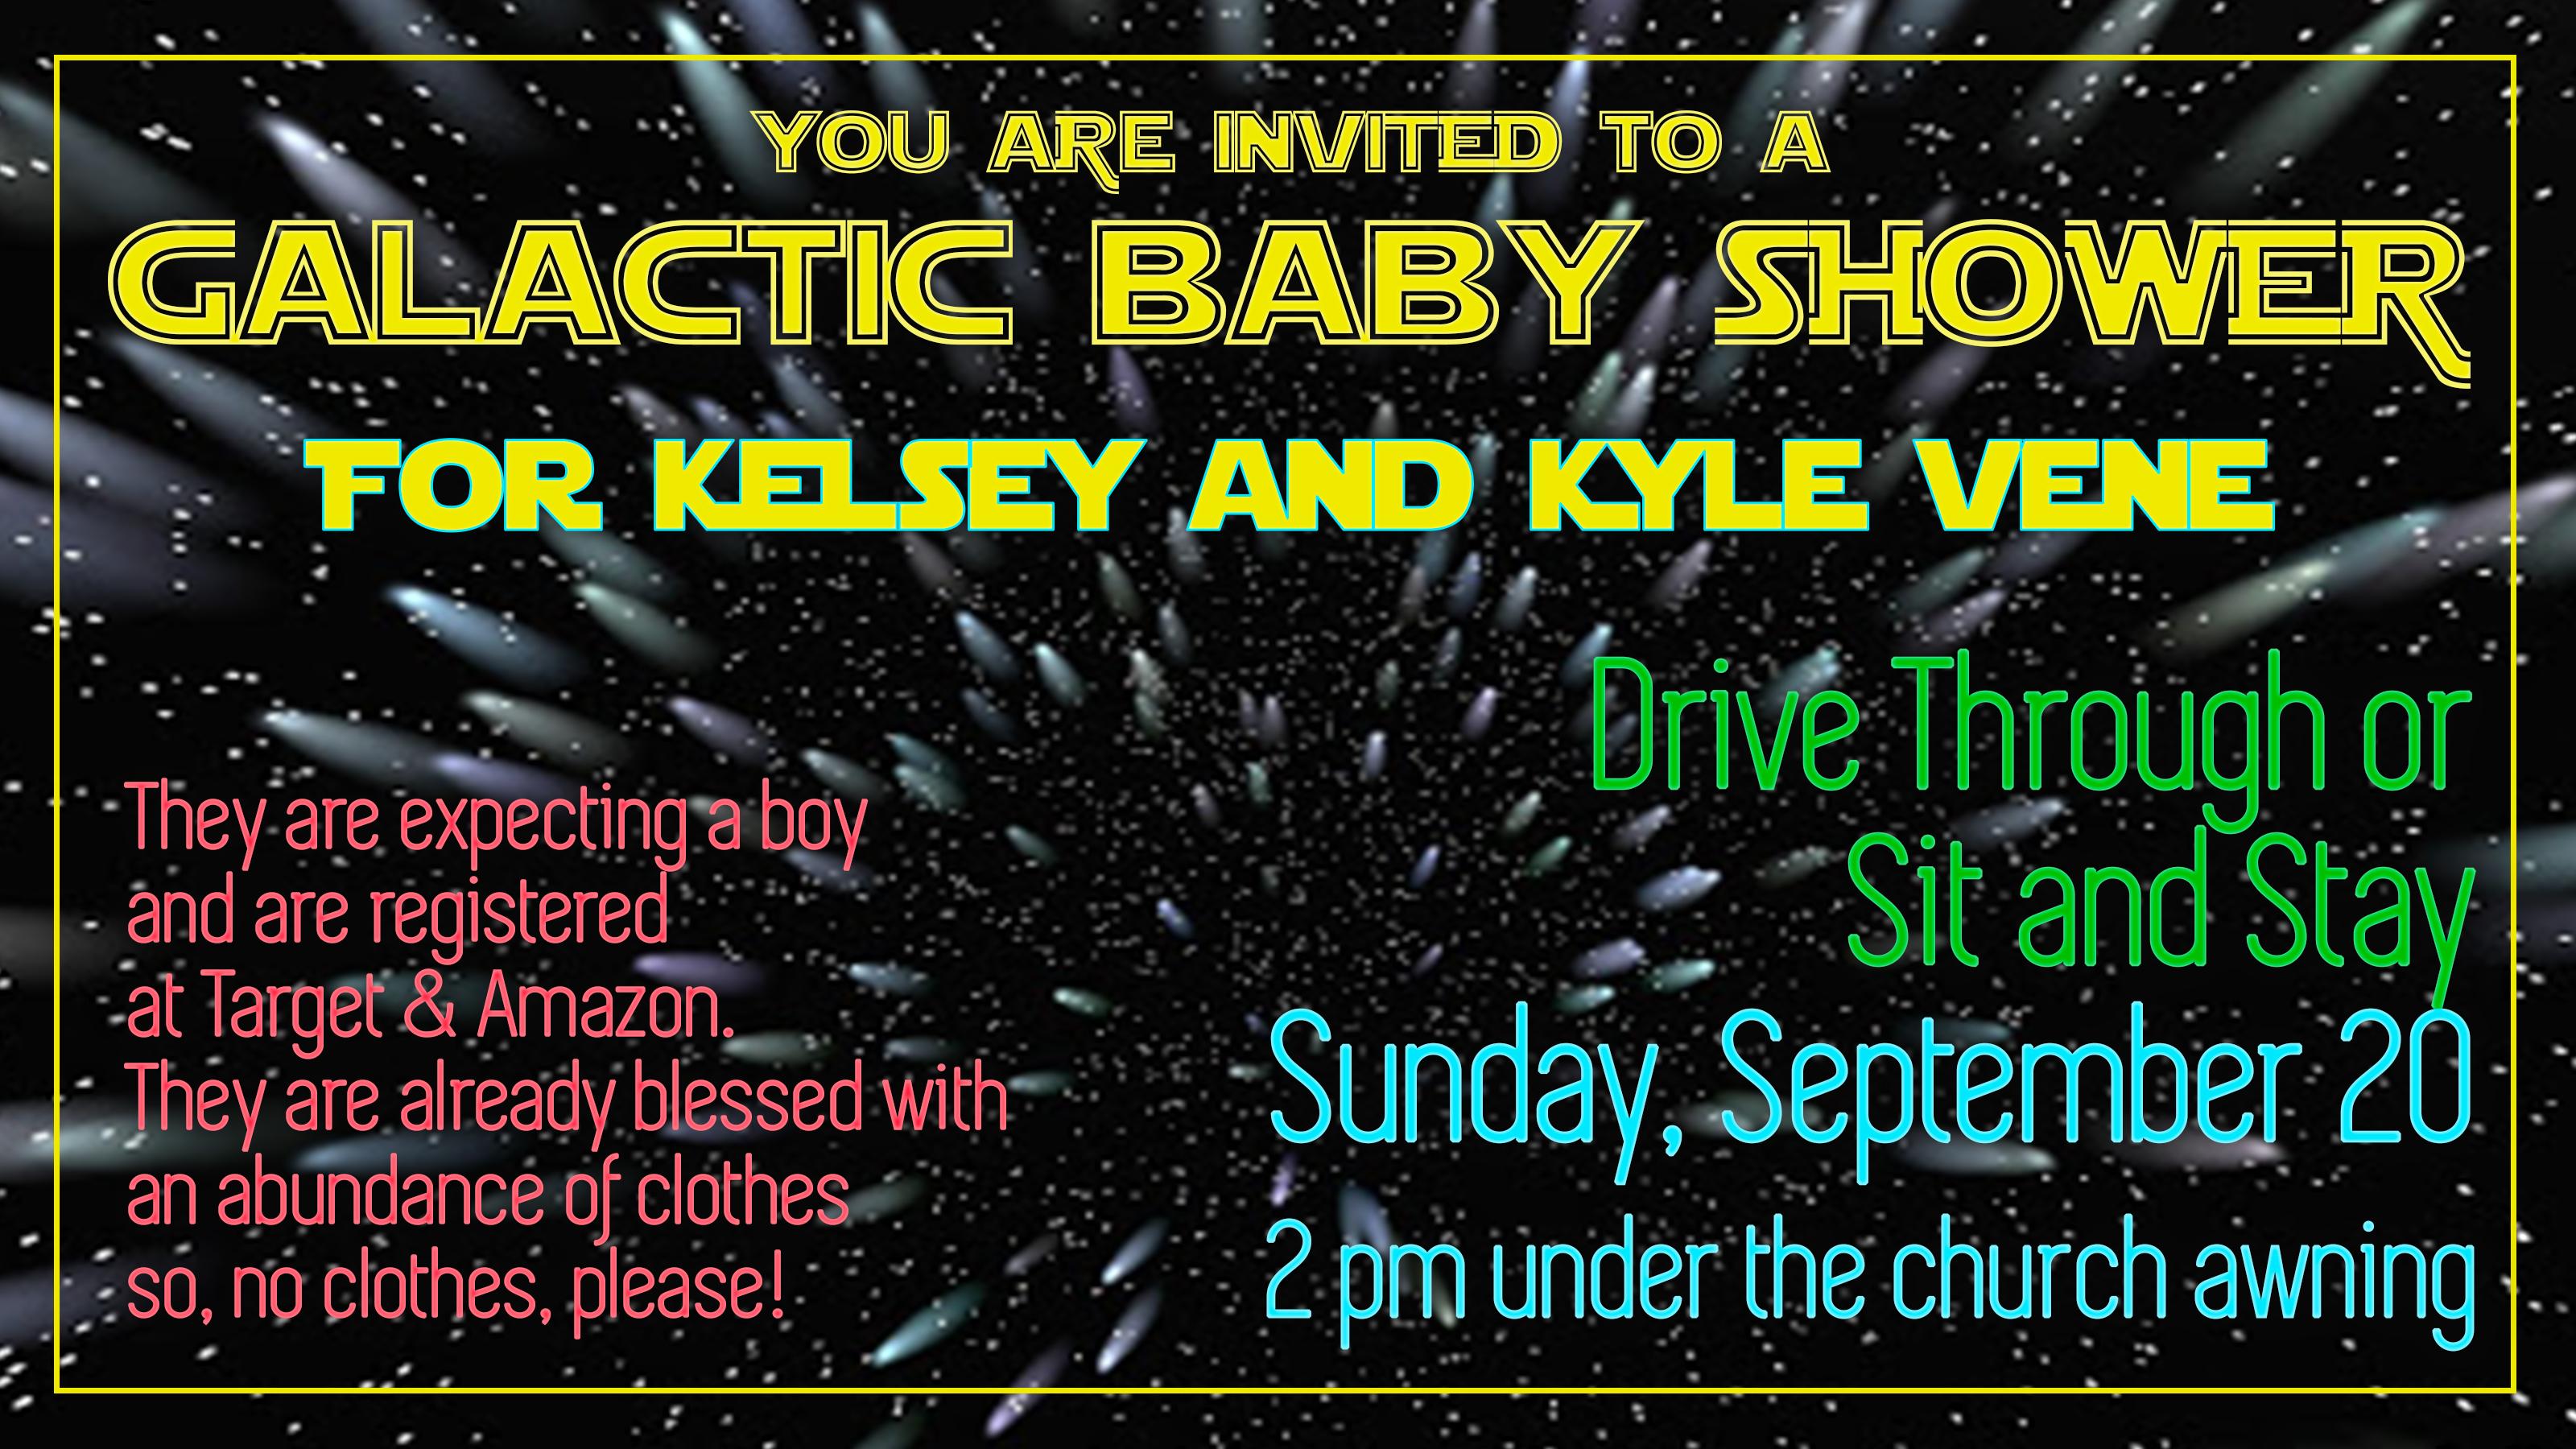 kelsey vene baby shower